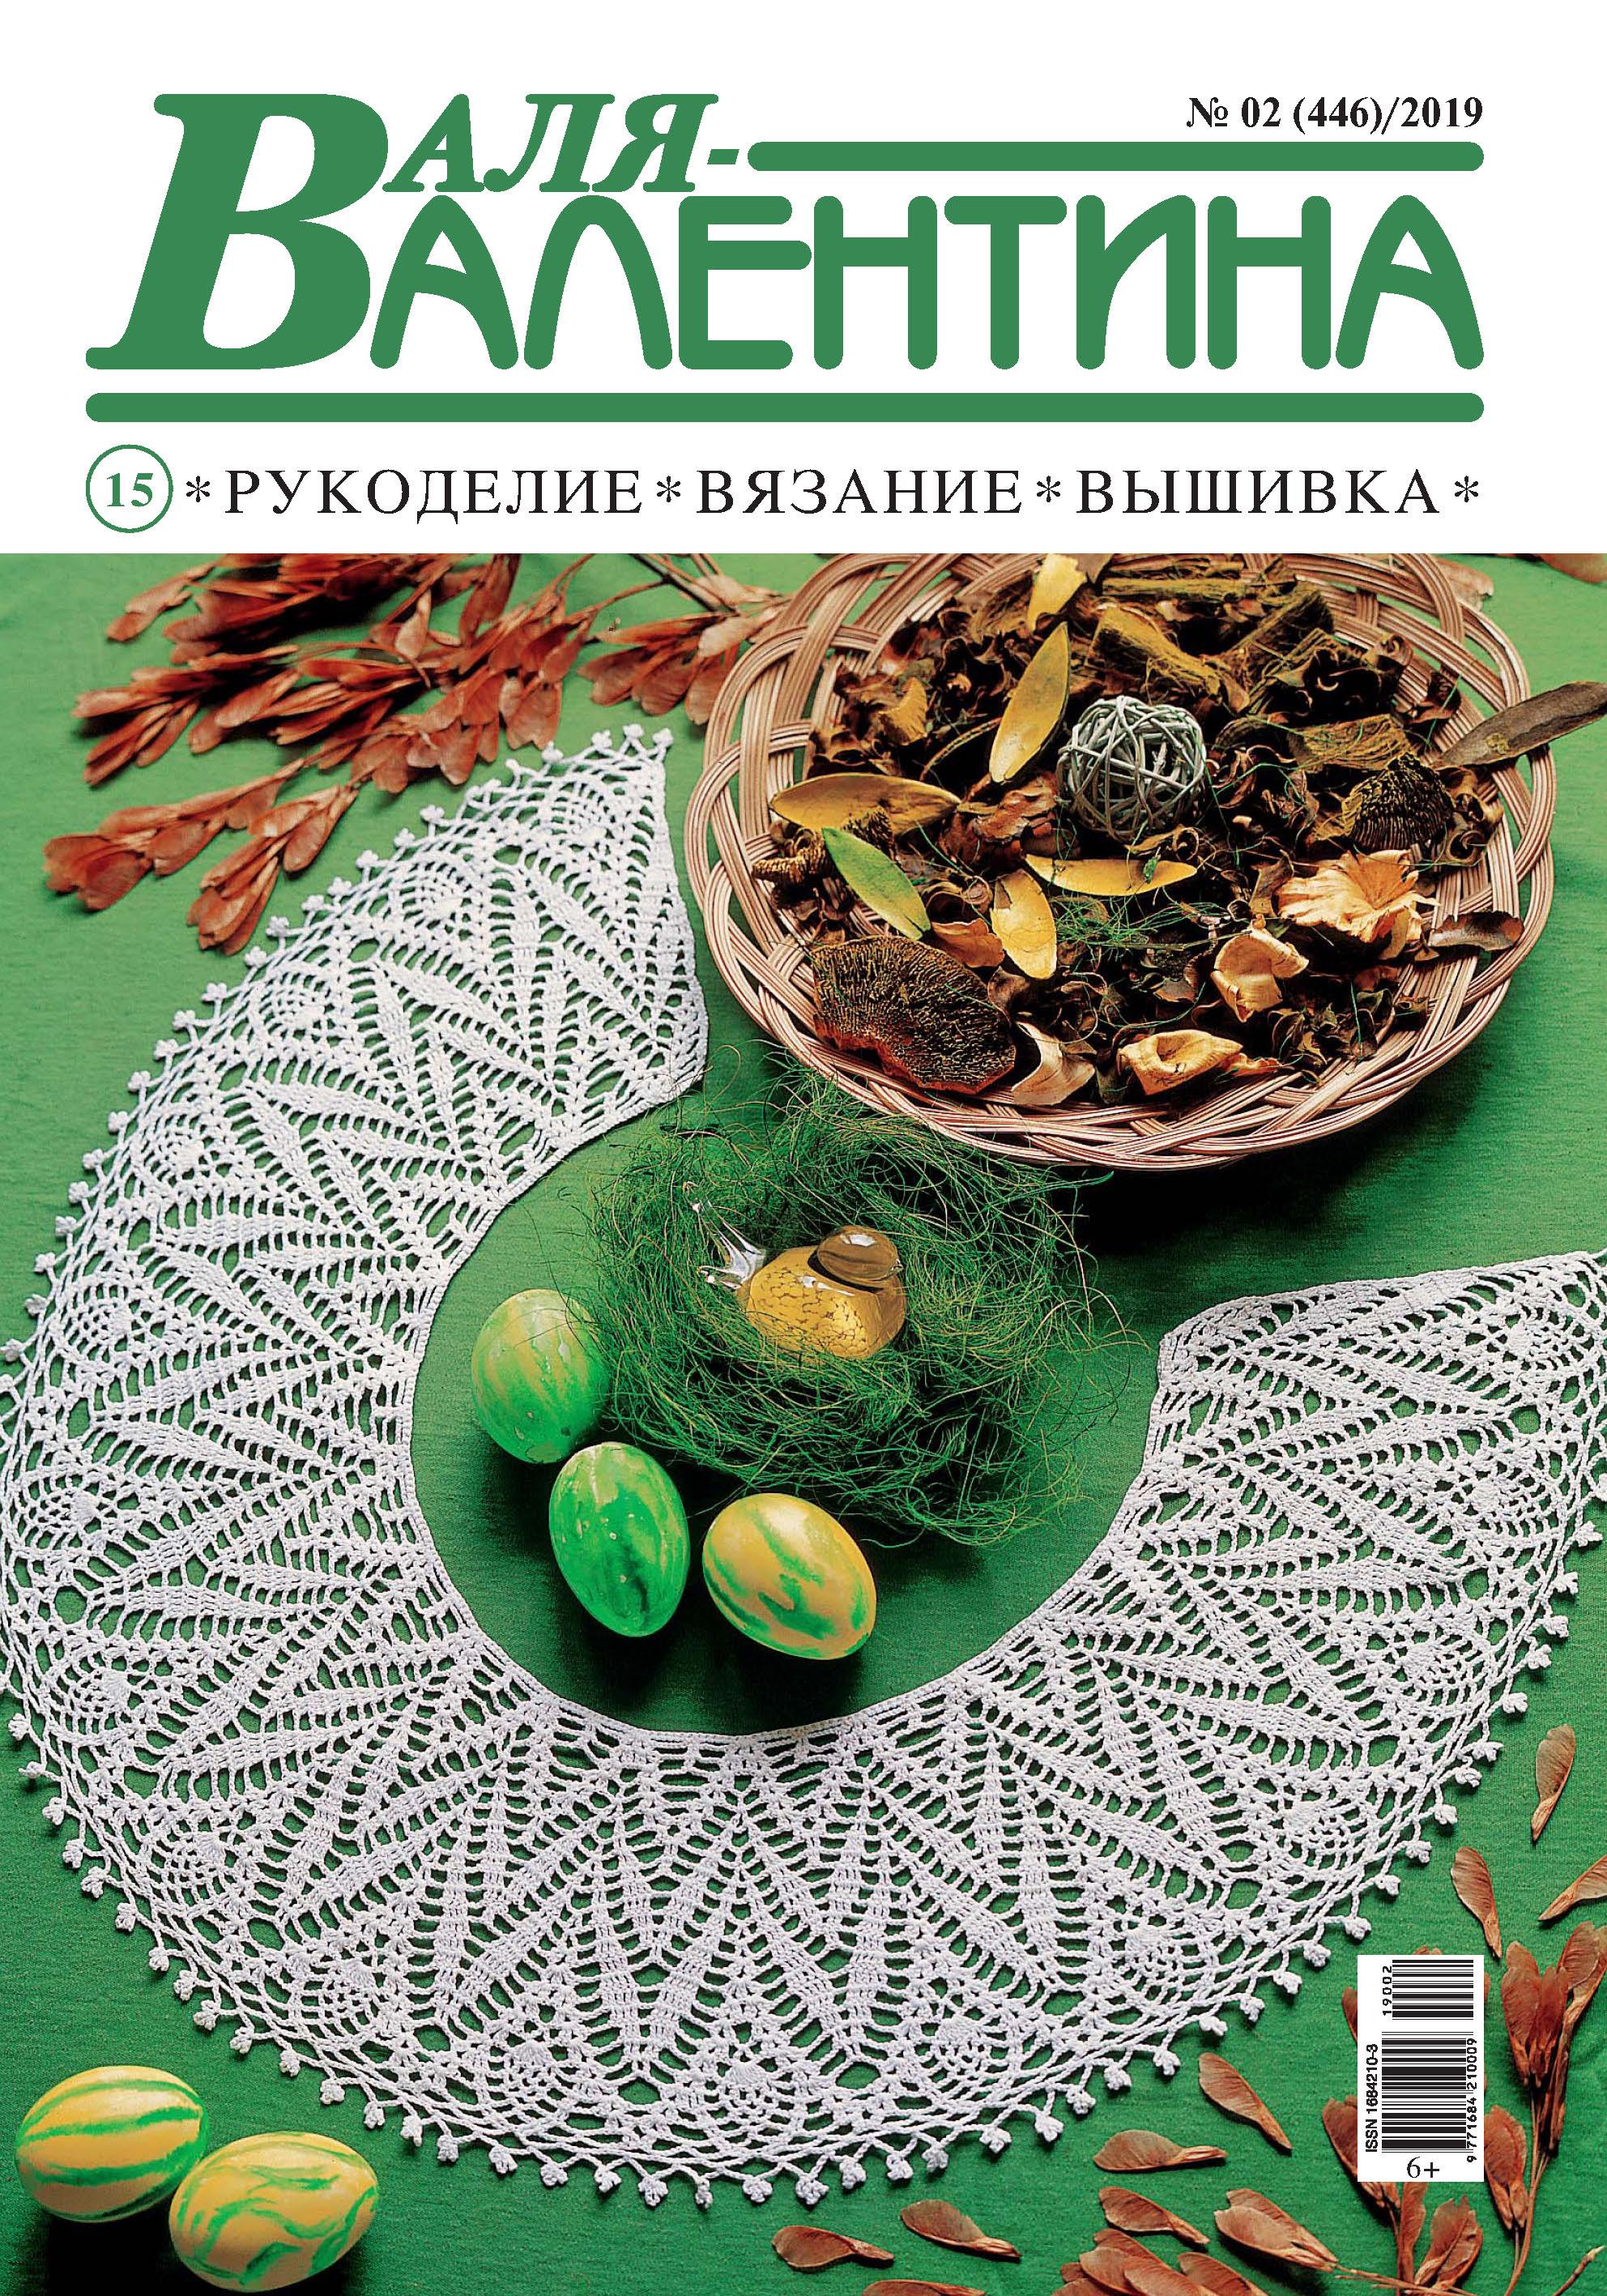 Отсутствует Валя-Валентина. Рукоделие, вязание, вышивка. №02/2019